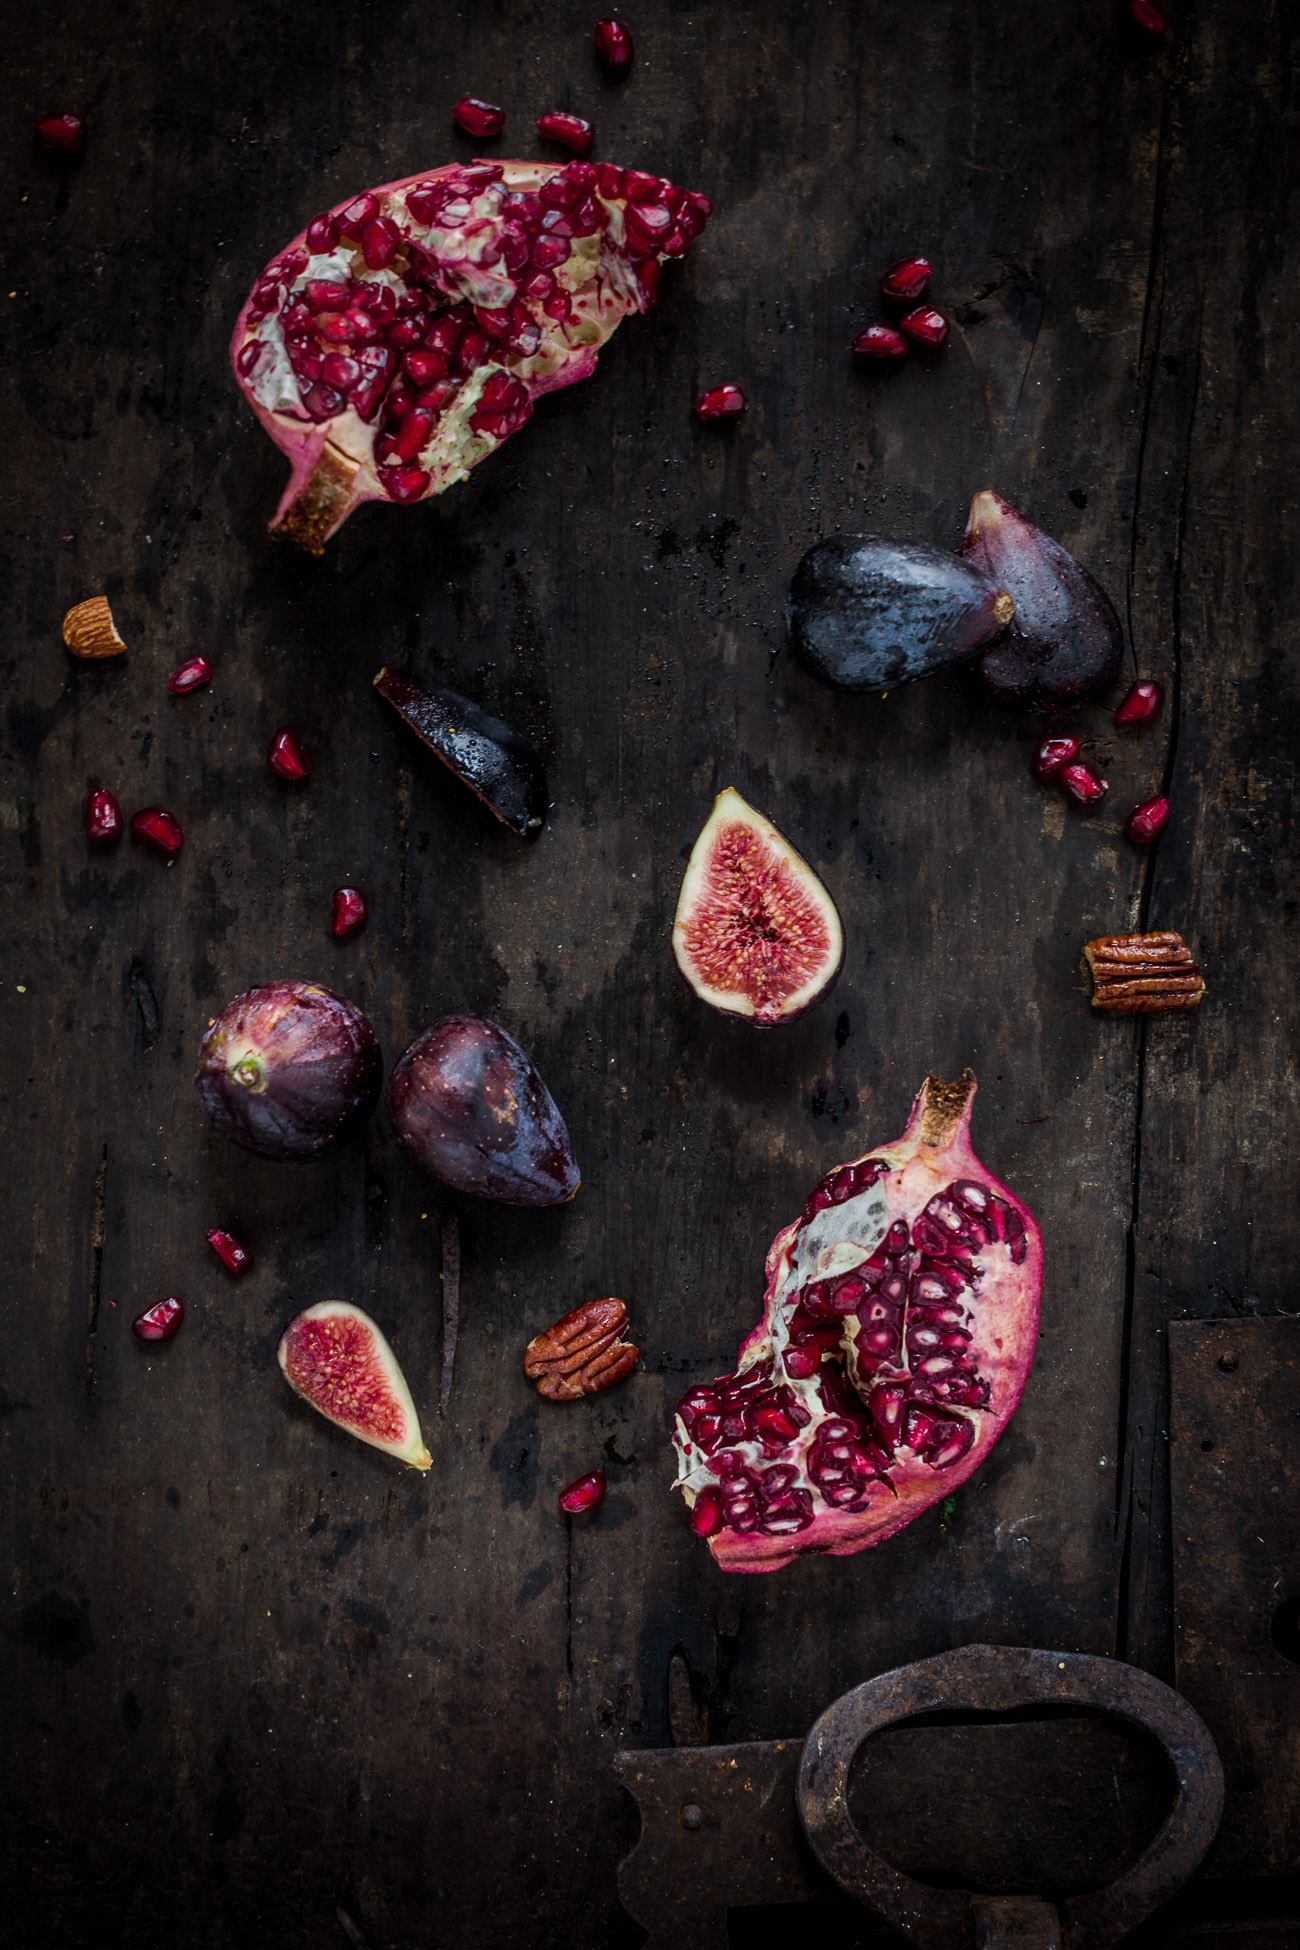 vegan figs and pecan salad recipe with pomegranate arils and balsamic dressing insalata di fichi e noci con melagrana, spinacino e dressing al balsamico